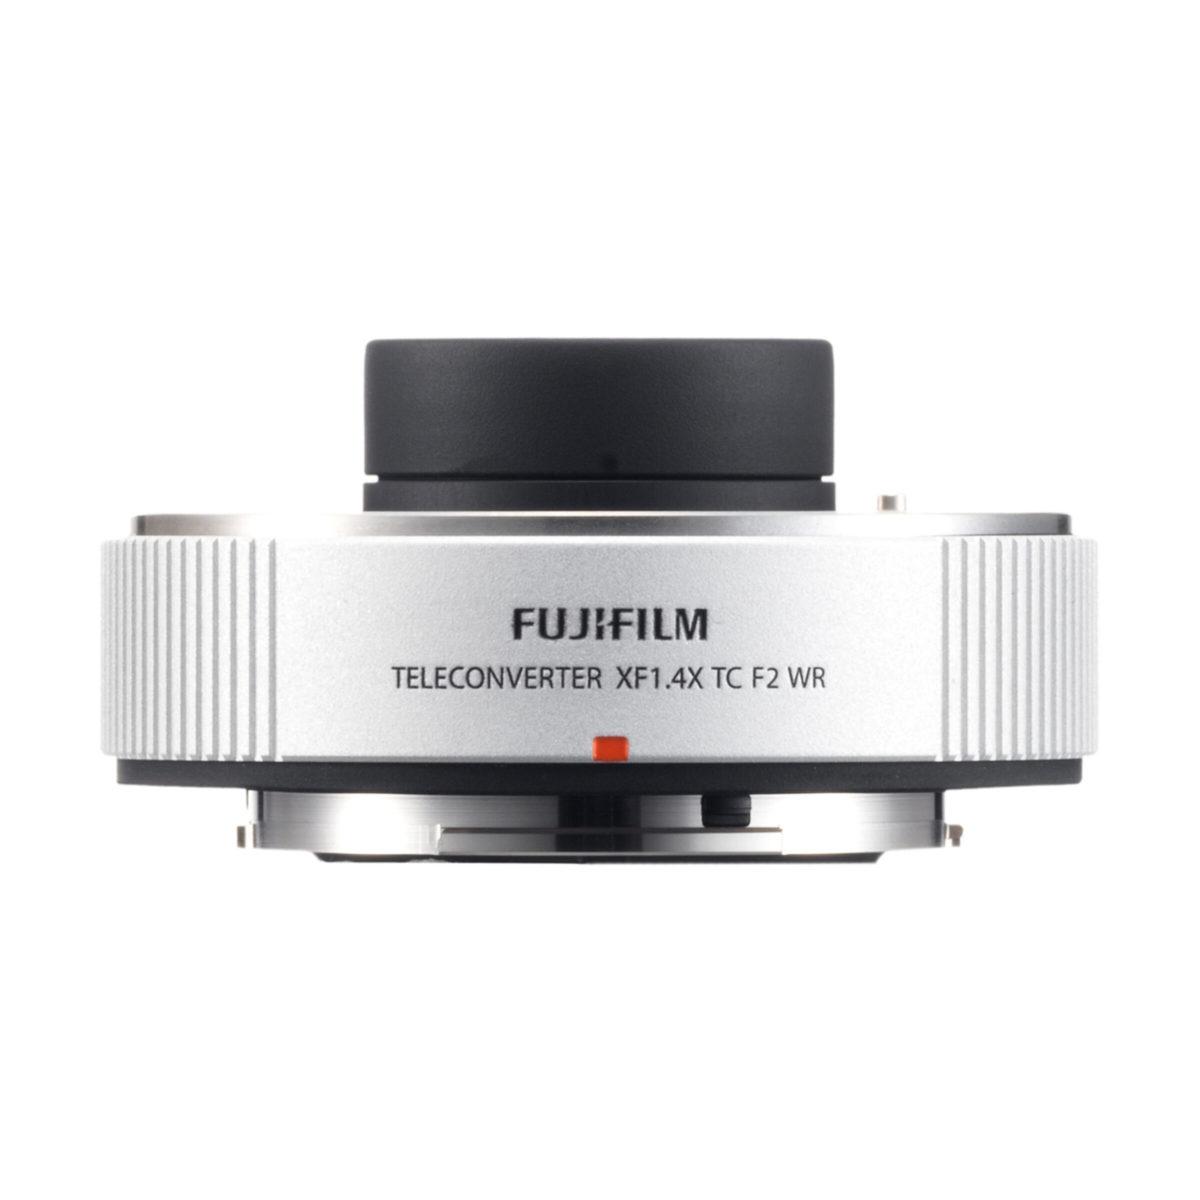 fujifilm_xf_200_20_ois_wr_xf_14x_tc_05